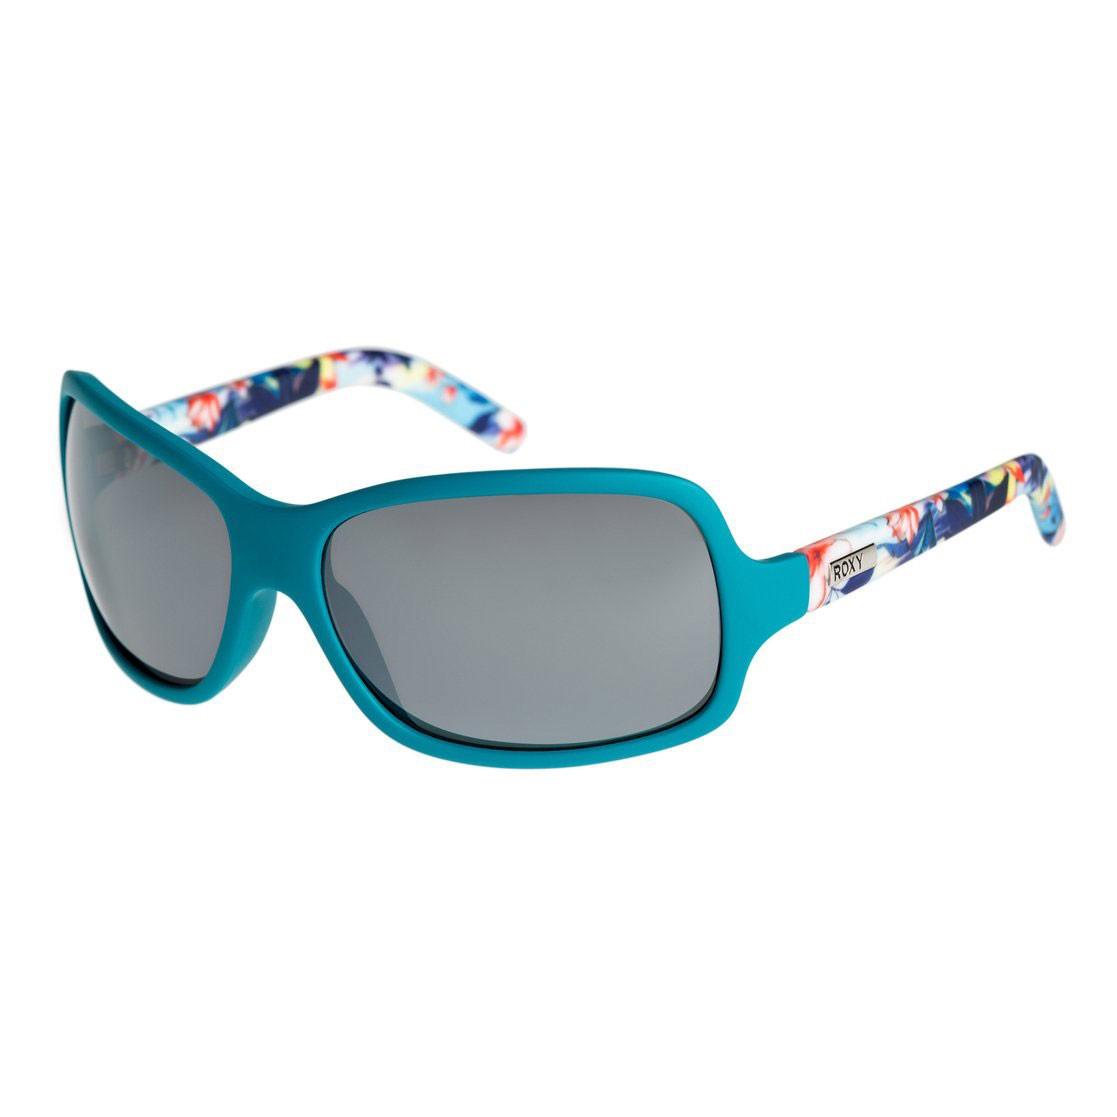 Sluneční brýle Roxy Tee Dee Gee turquoise/flower vel.CHROME 14 + doručení do 24 hodin